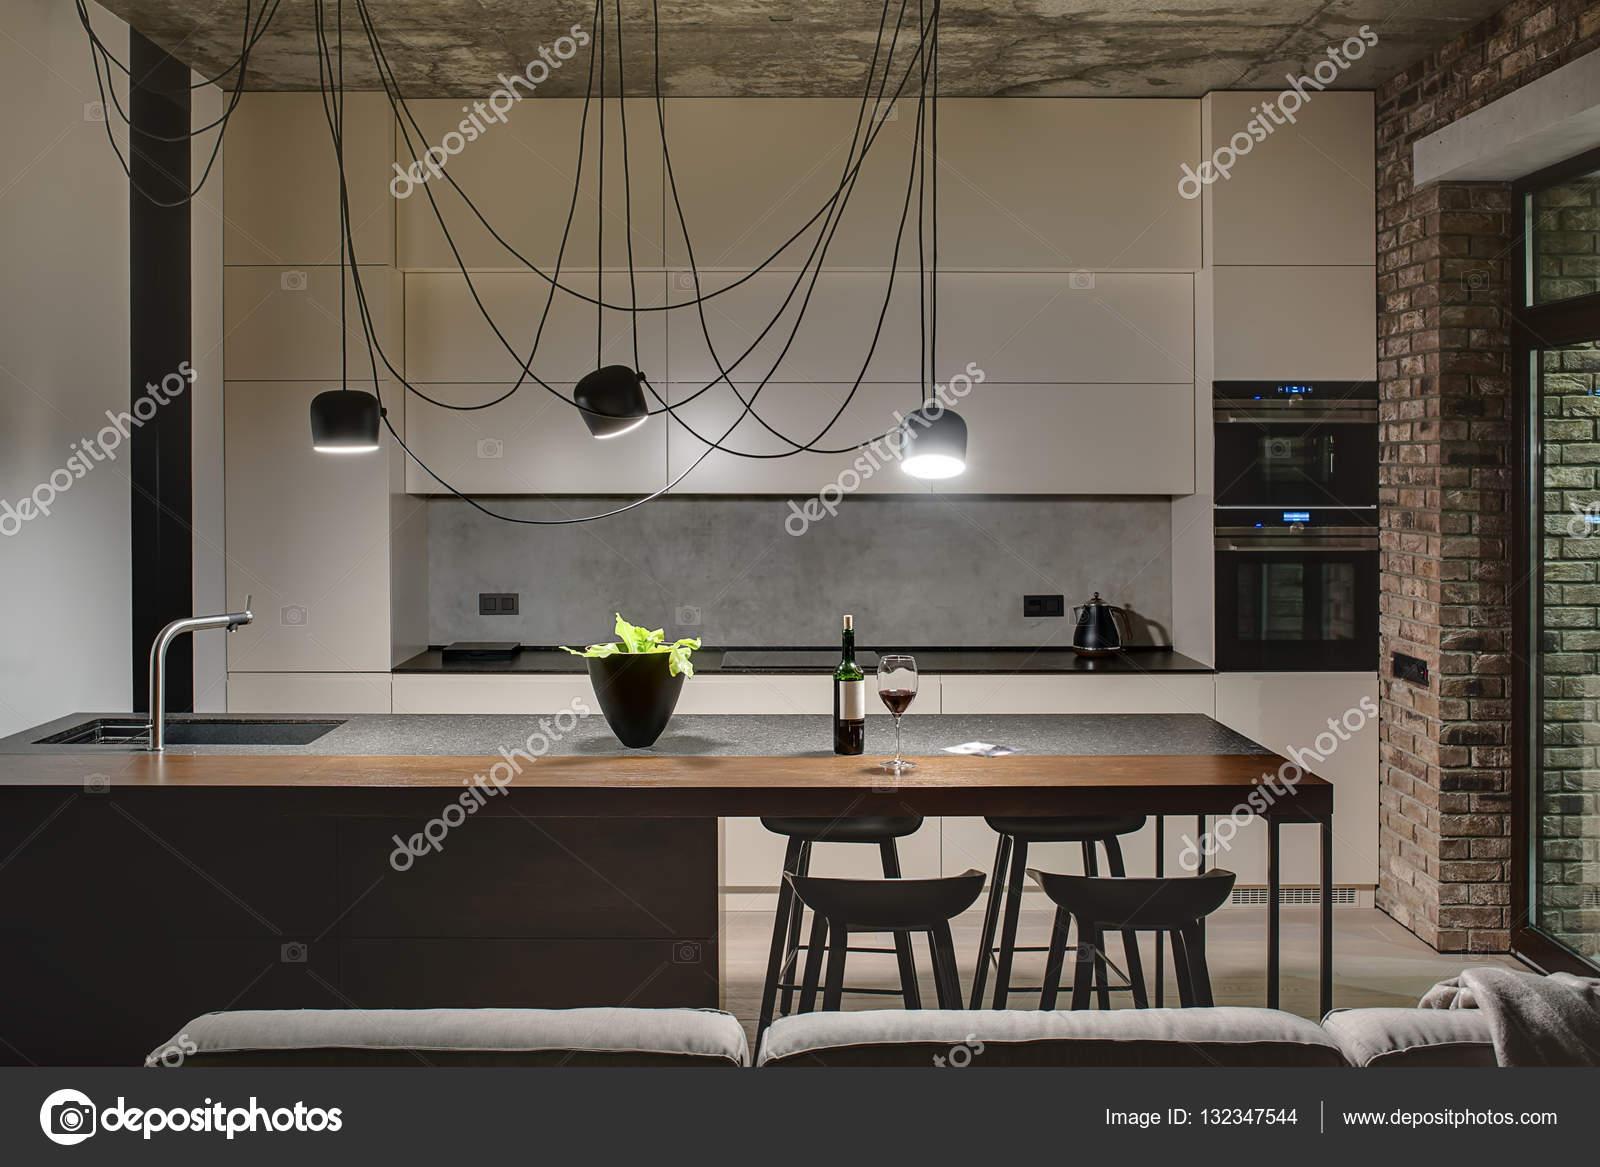 Kuchnia w stylu loft zdj cie stockowe bezikus 132347544 for W loft